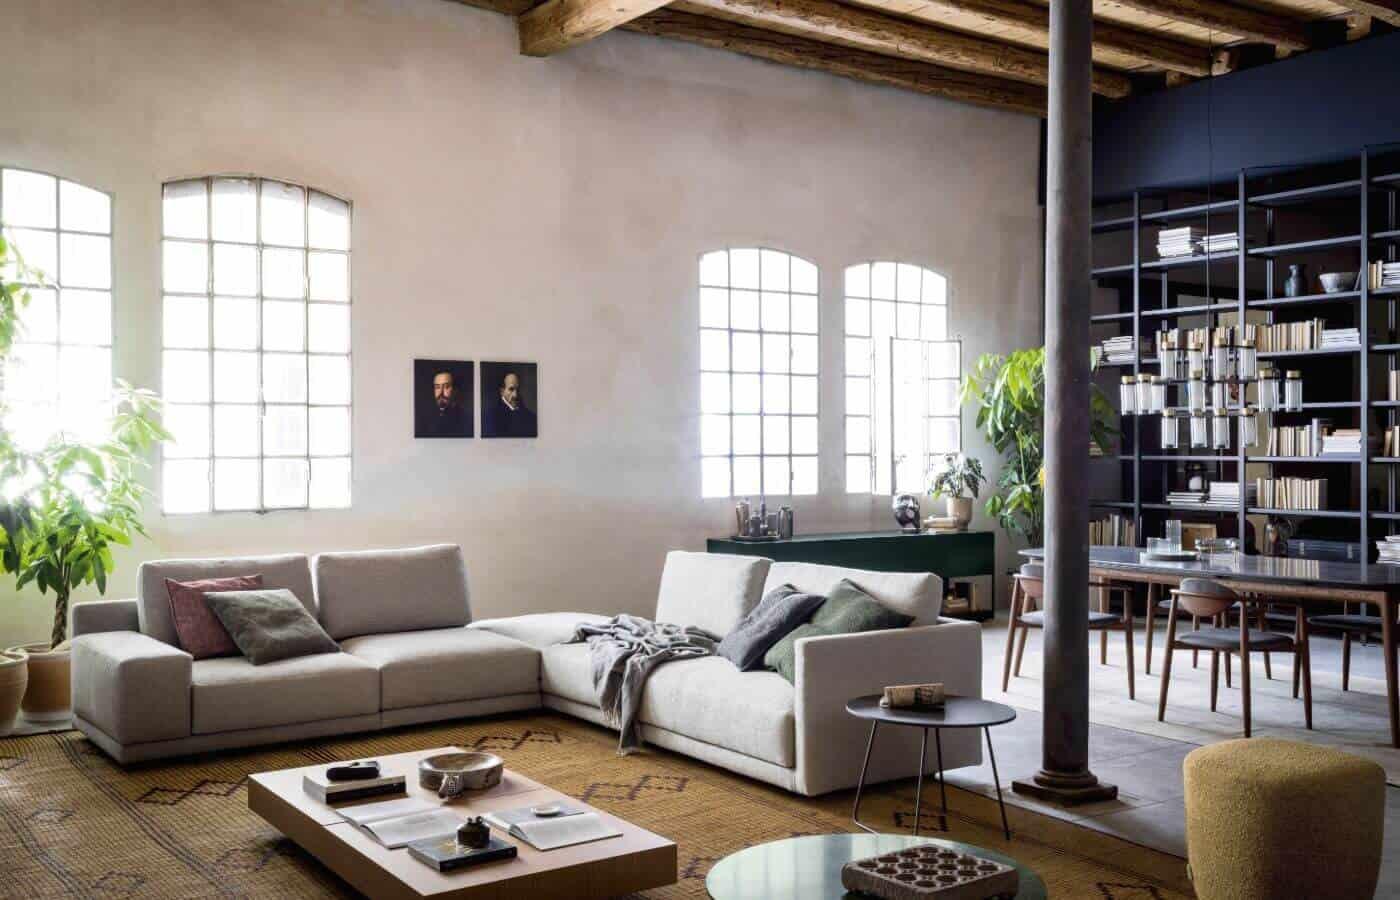 salotto-collezione-aosta-il-mobile (2)